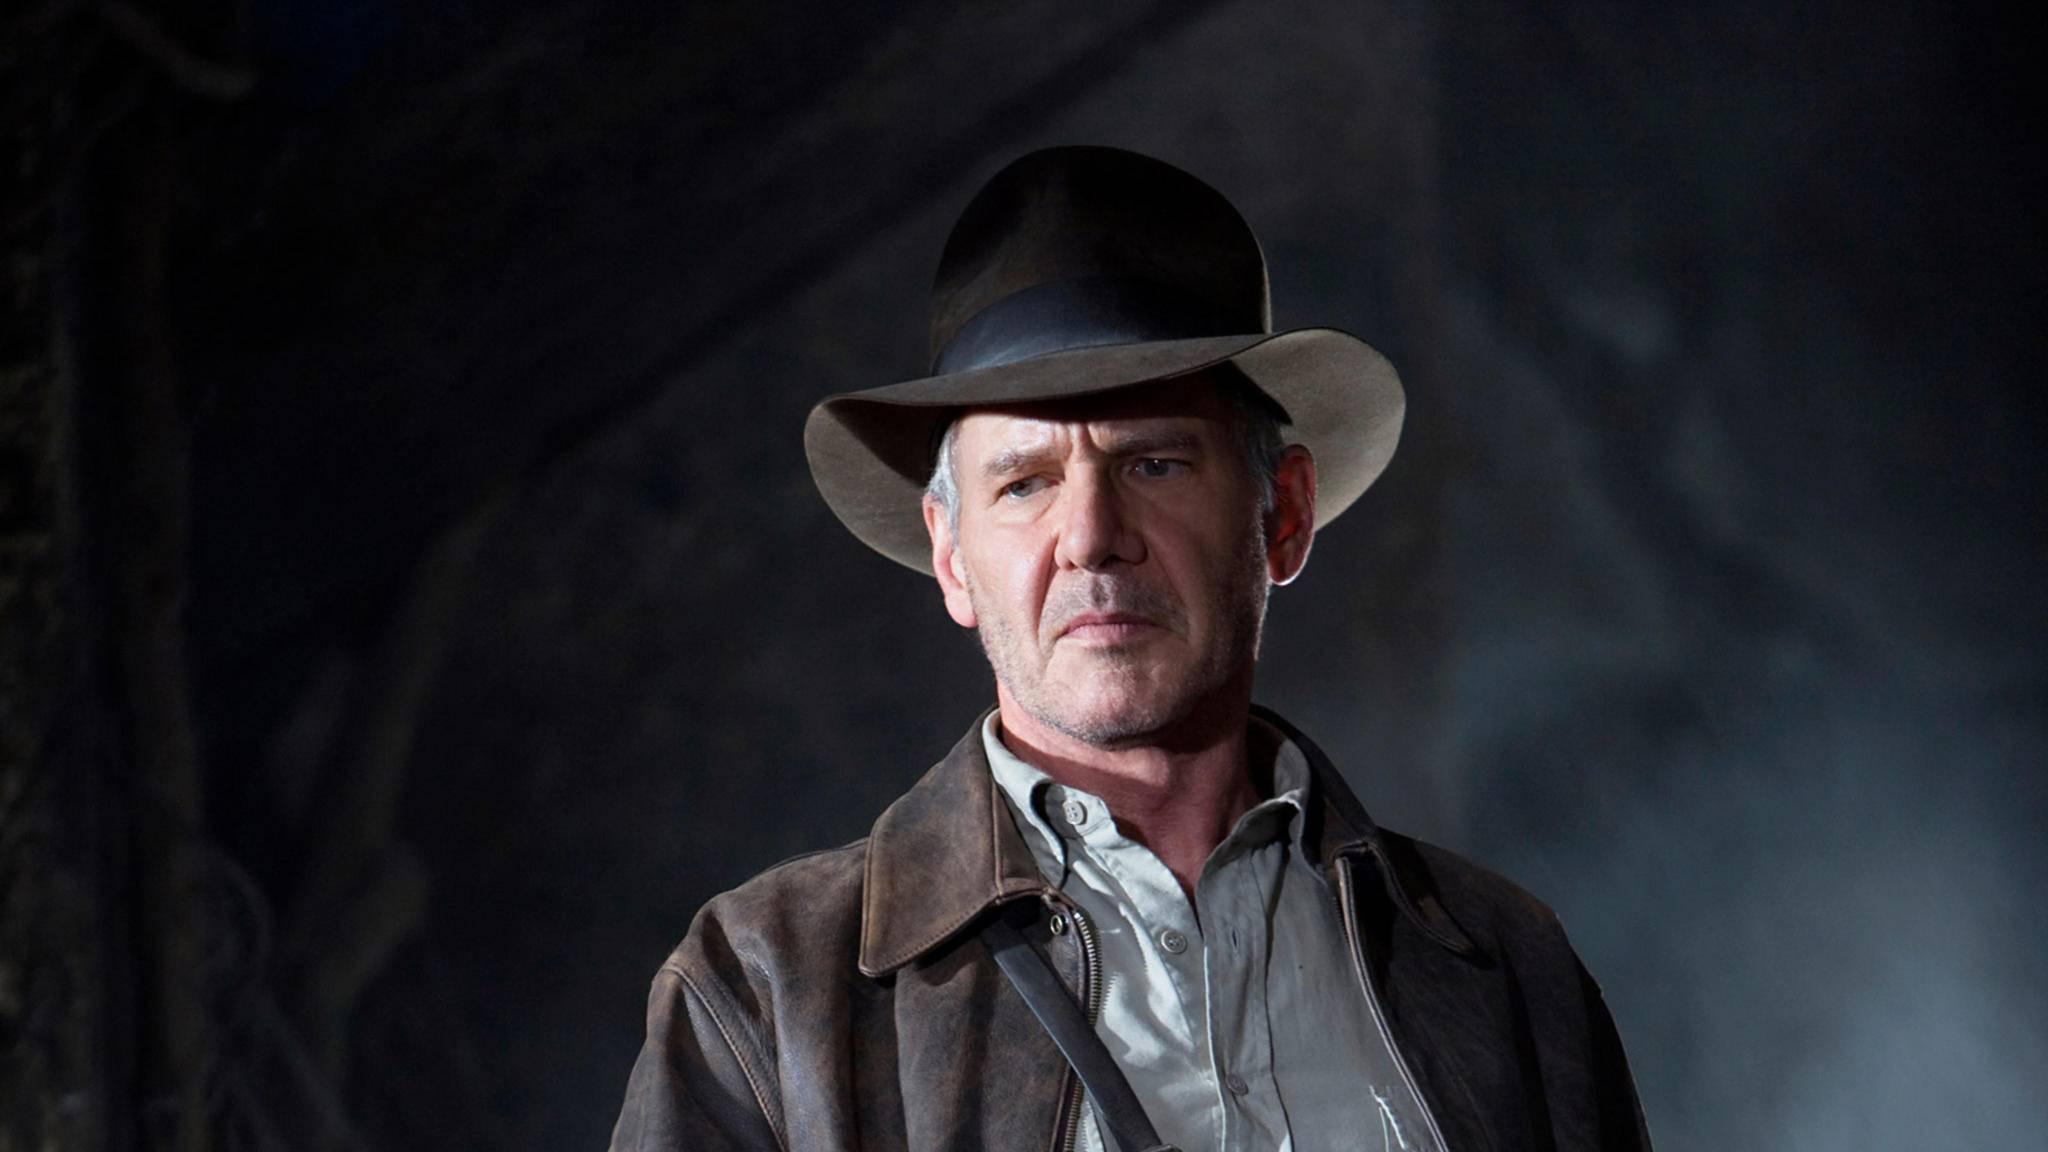 Bevor Harrison Ford als Indiana Jones sein nächstes Abenteuer bestreitet, geht es nach Alaska.